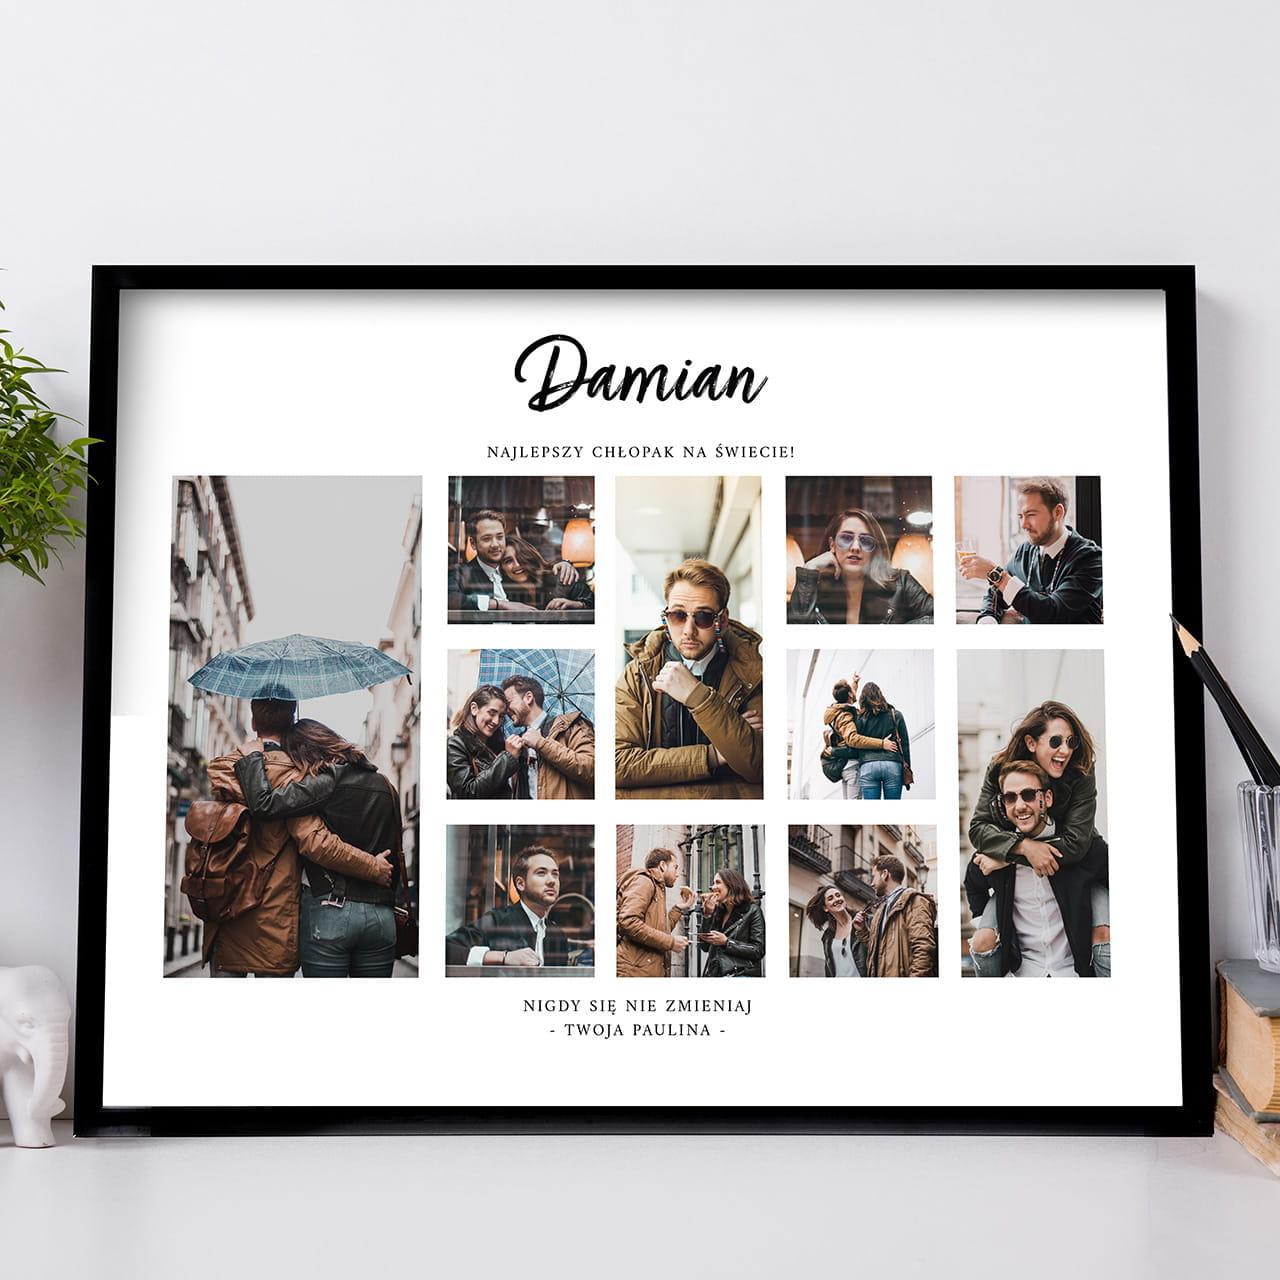 Plakat ze zdjęciami to personalizowany prezent dla chłopaka